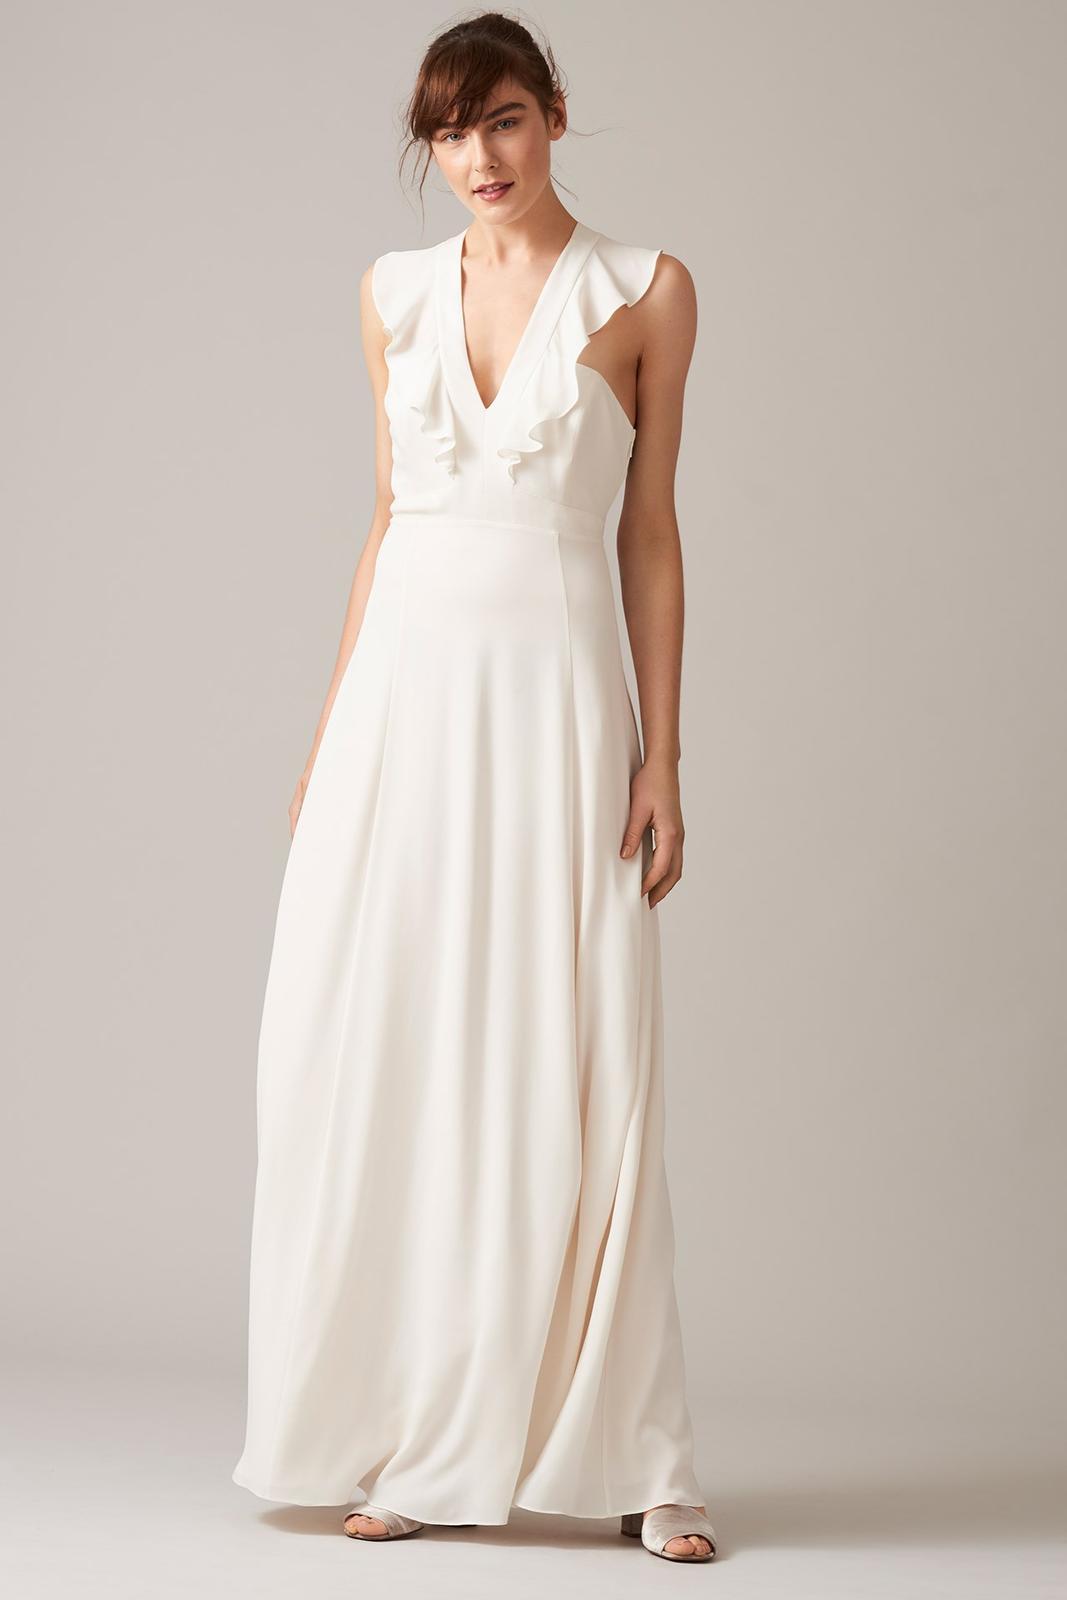 Tak jednoducho, ako sa len dá (minimalizmus v svadobných šatách) - Obrázok č. 7